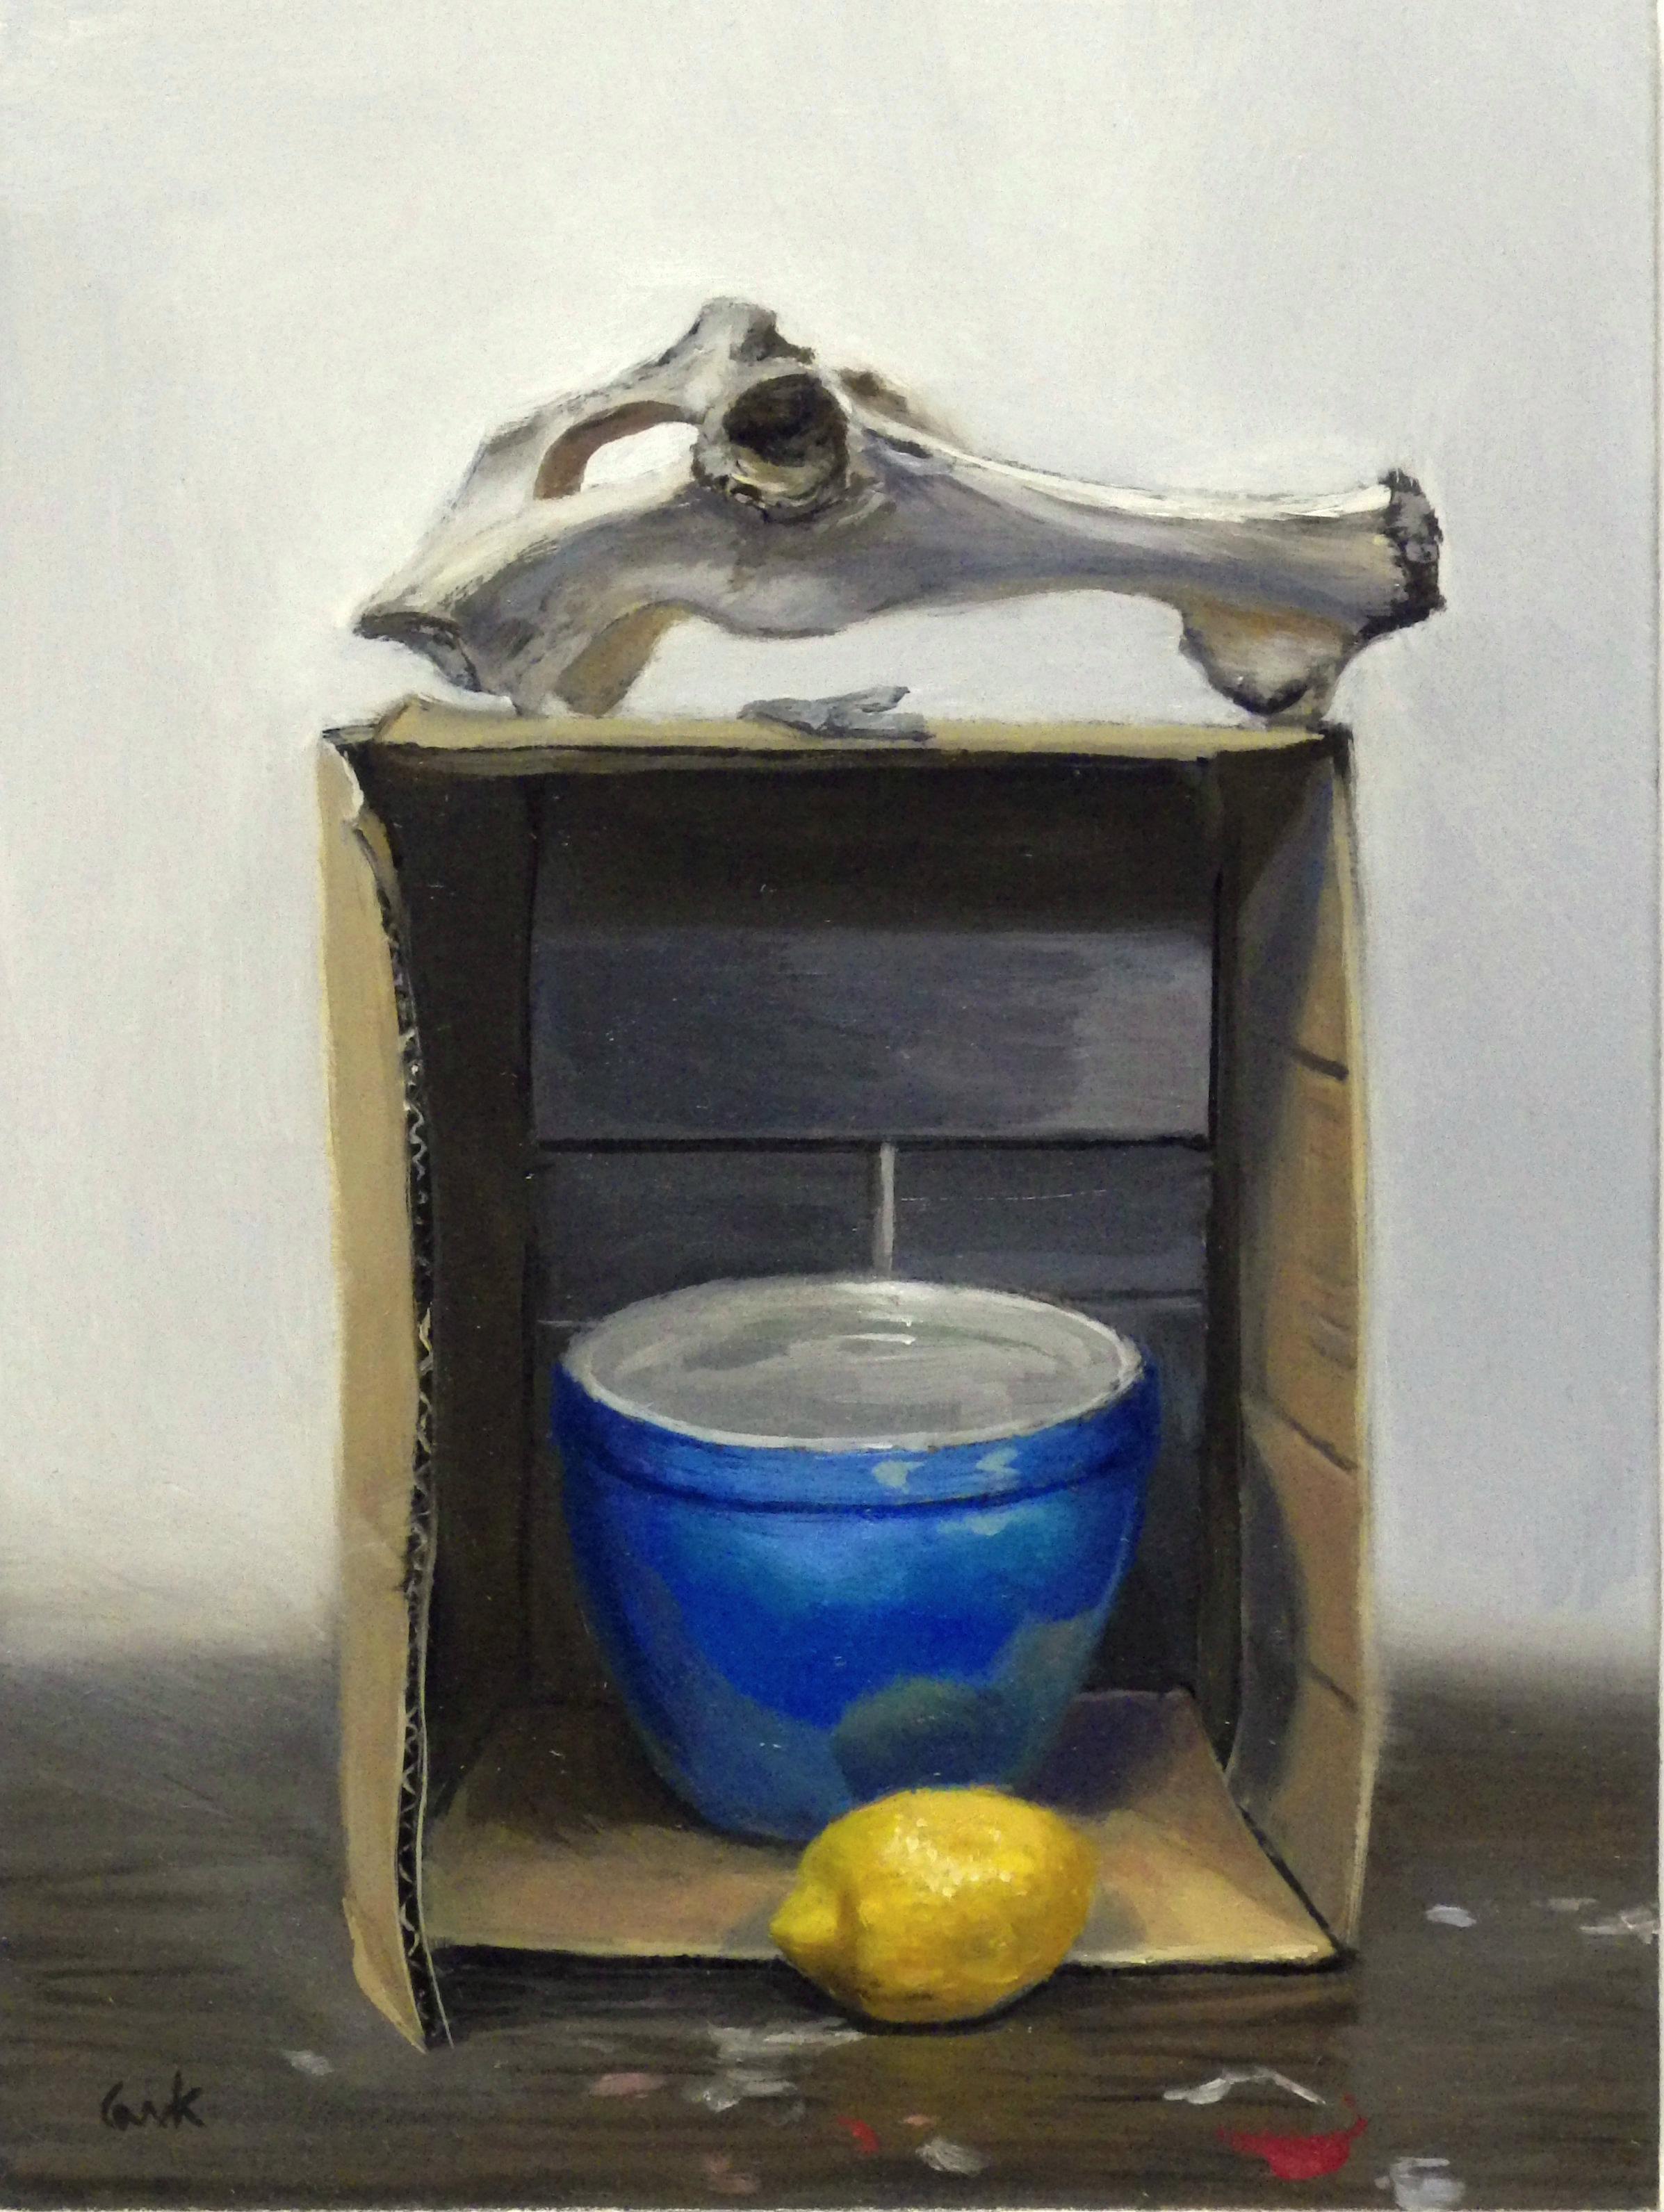 Bone, Box, Bowl, Lemon